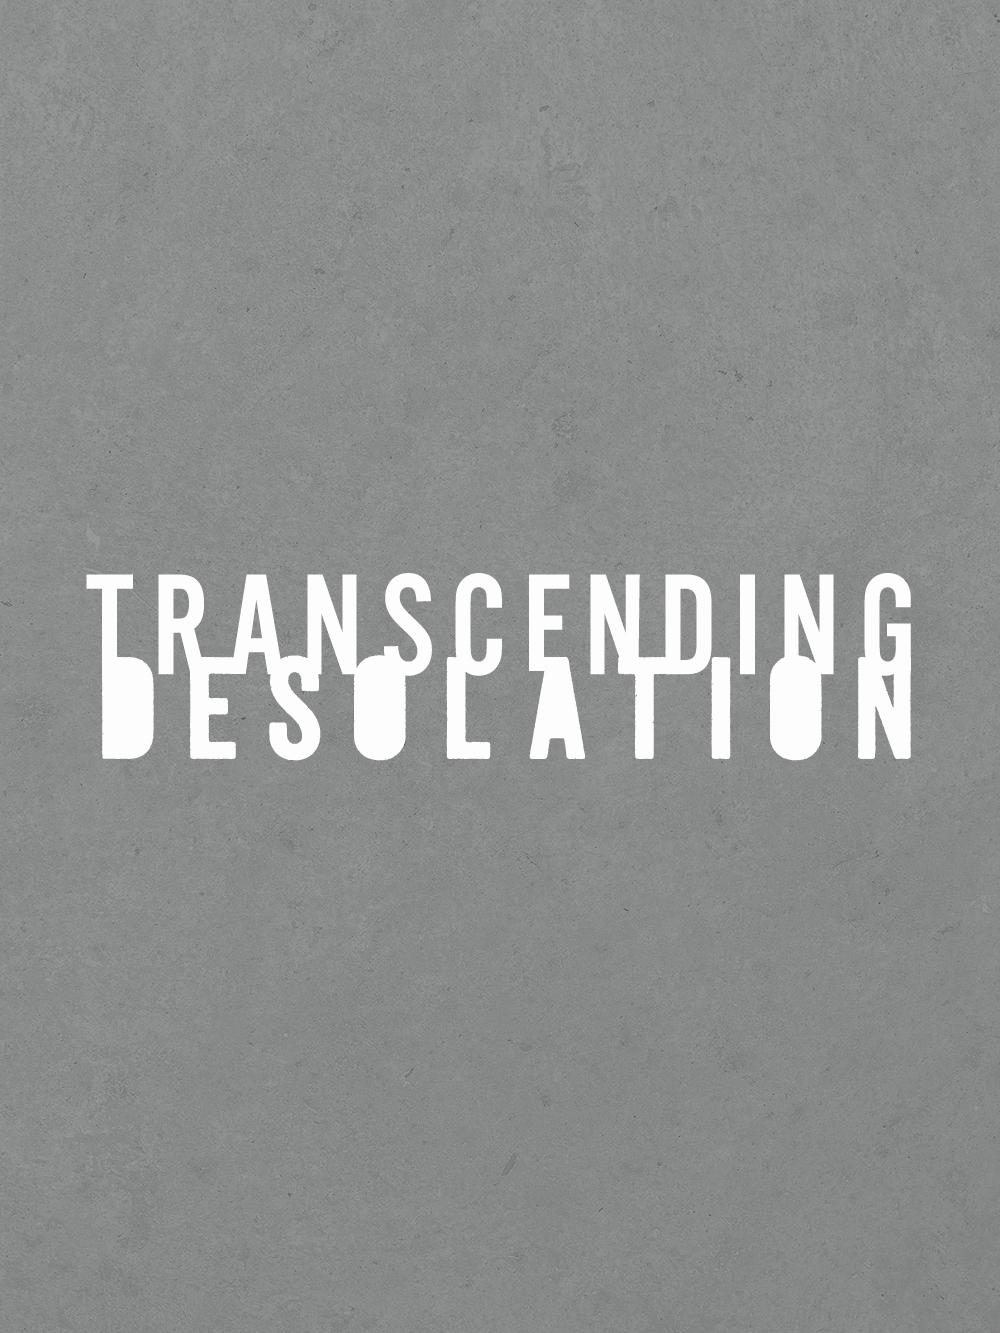 transcending desolation4.jpg